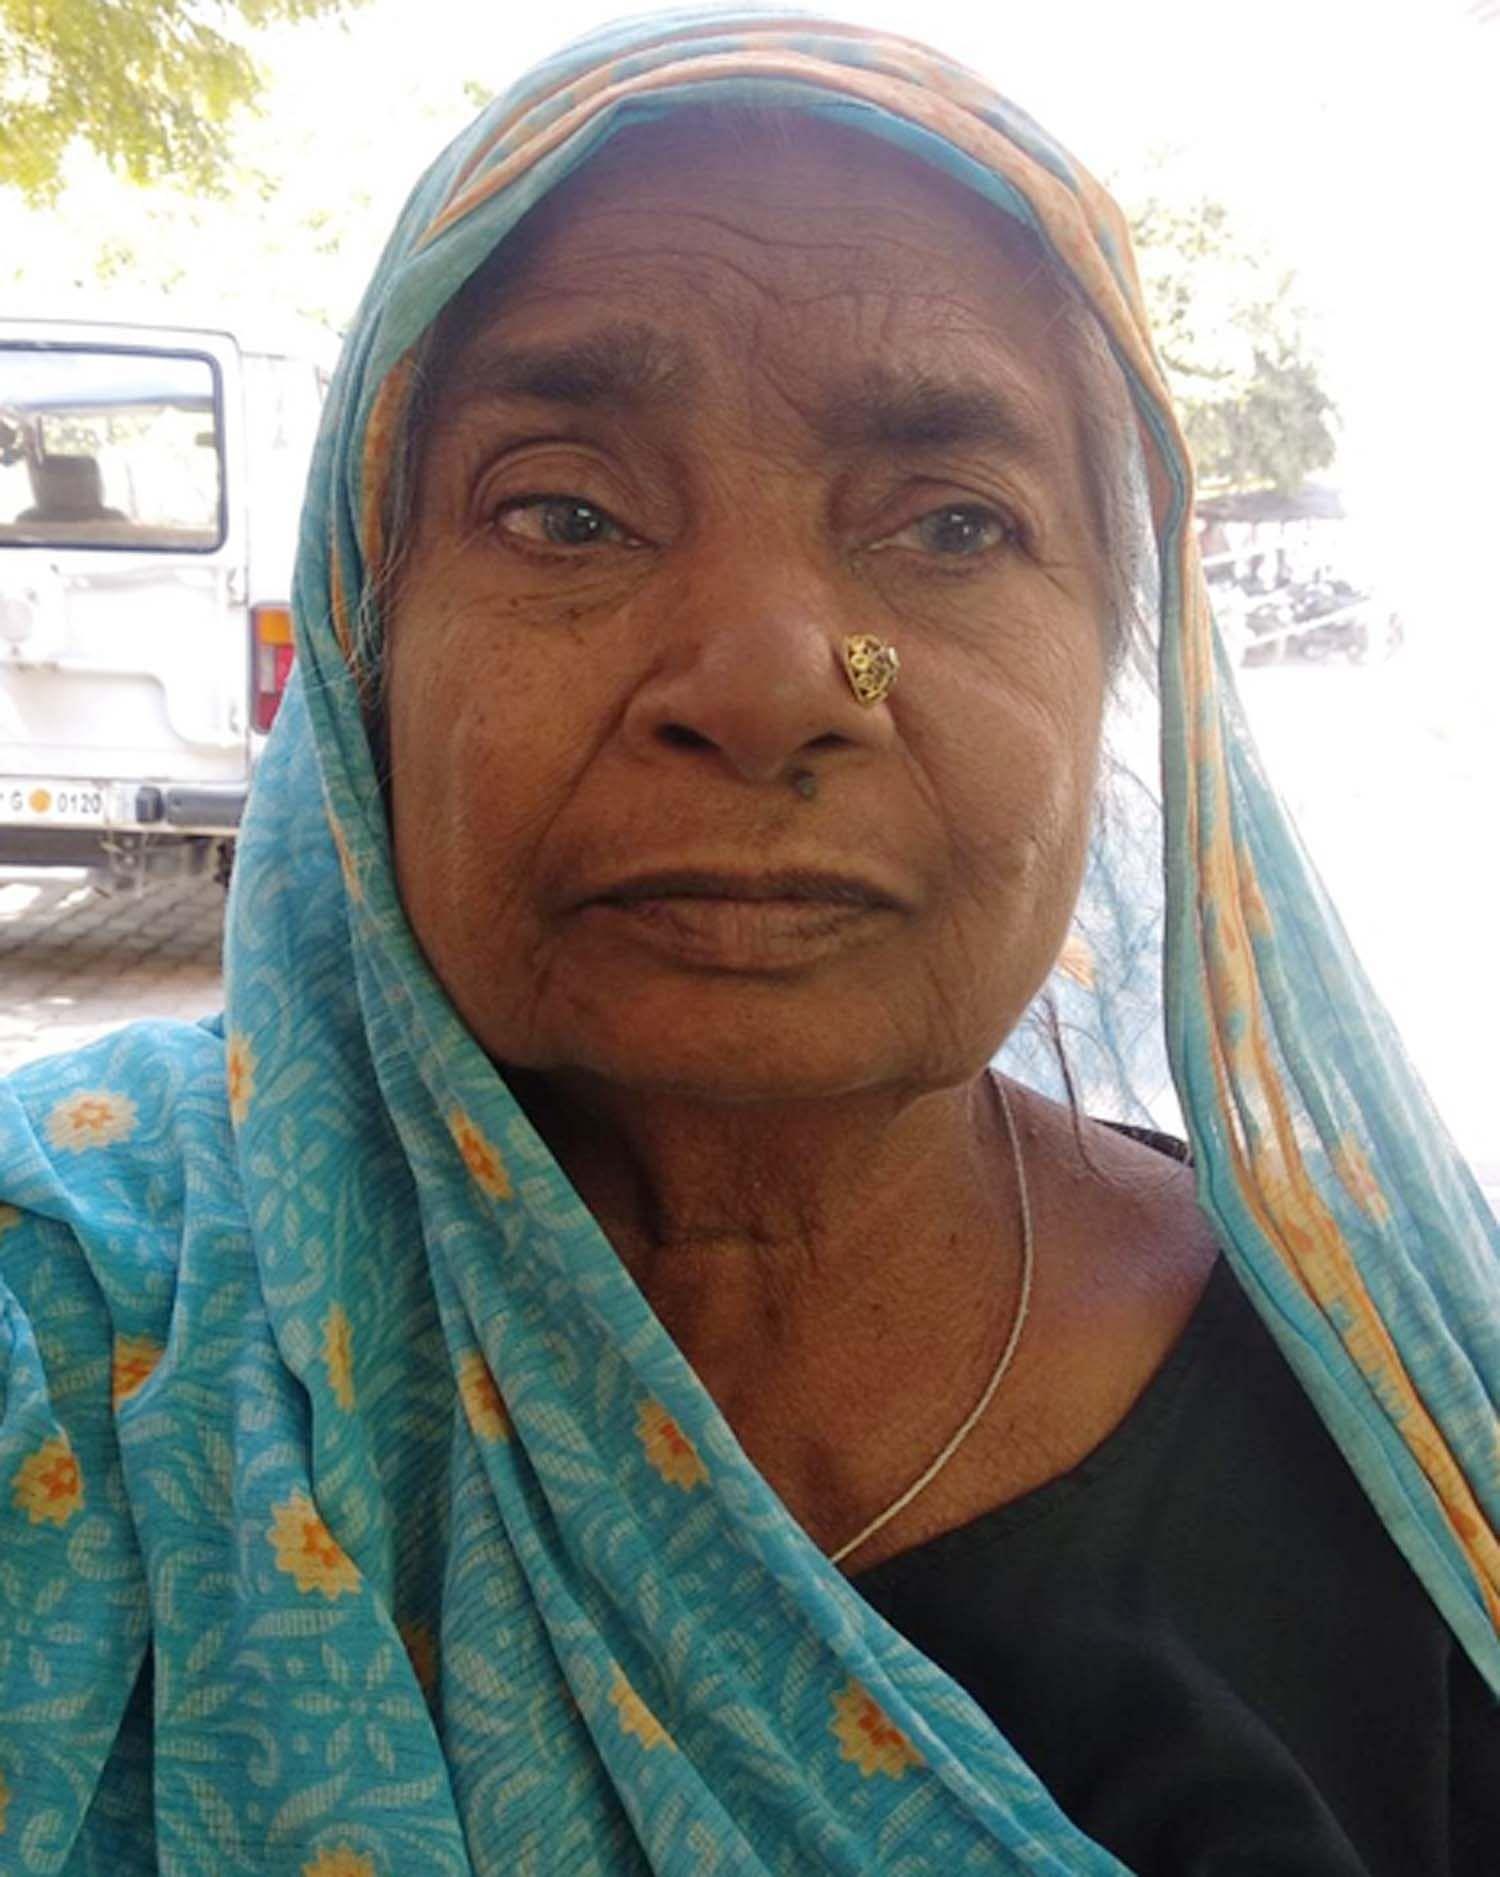 राठ तहसील में अपनी व्यथा बताती अधिकारियों द्वारा मृत दिखाई गई वृद्धा